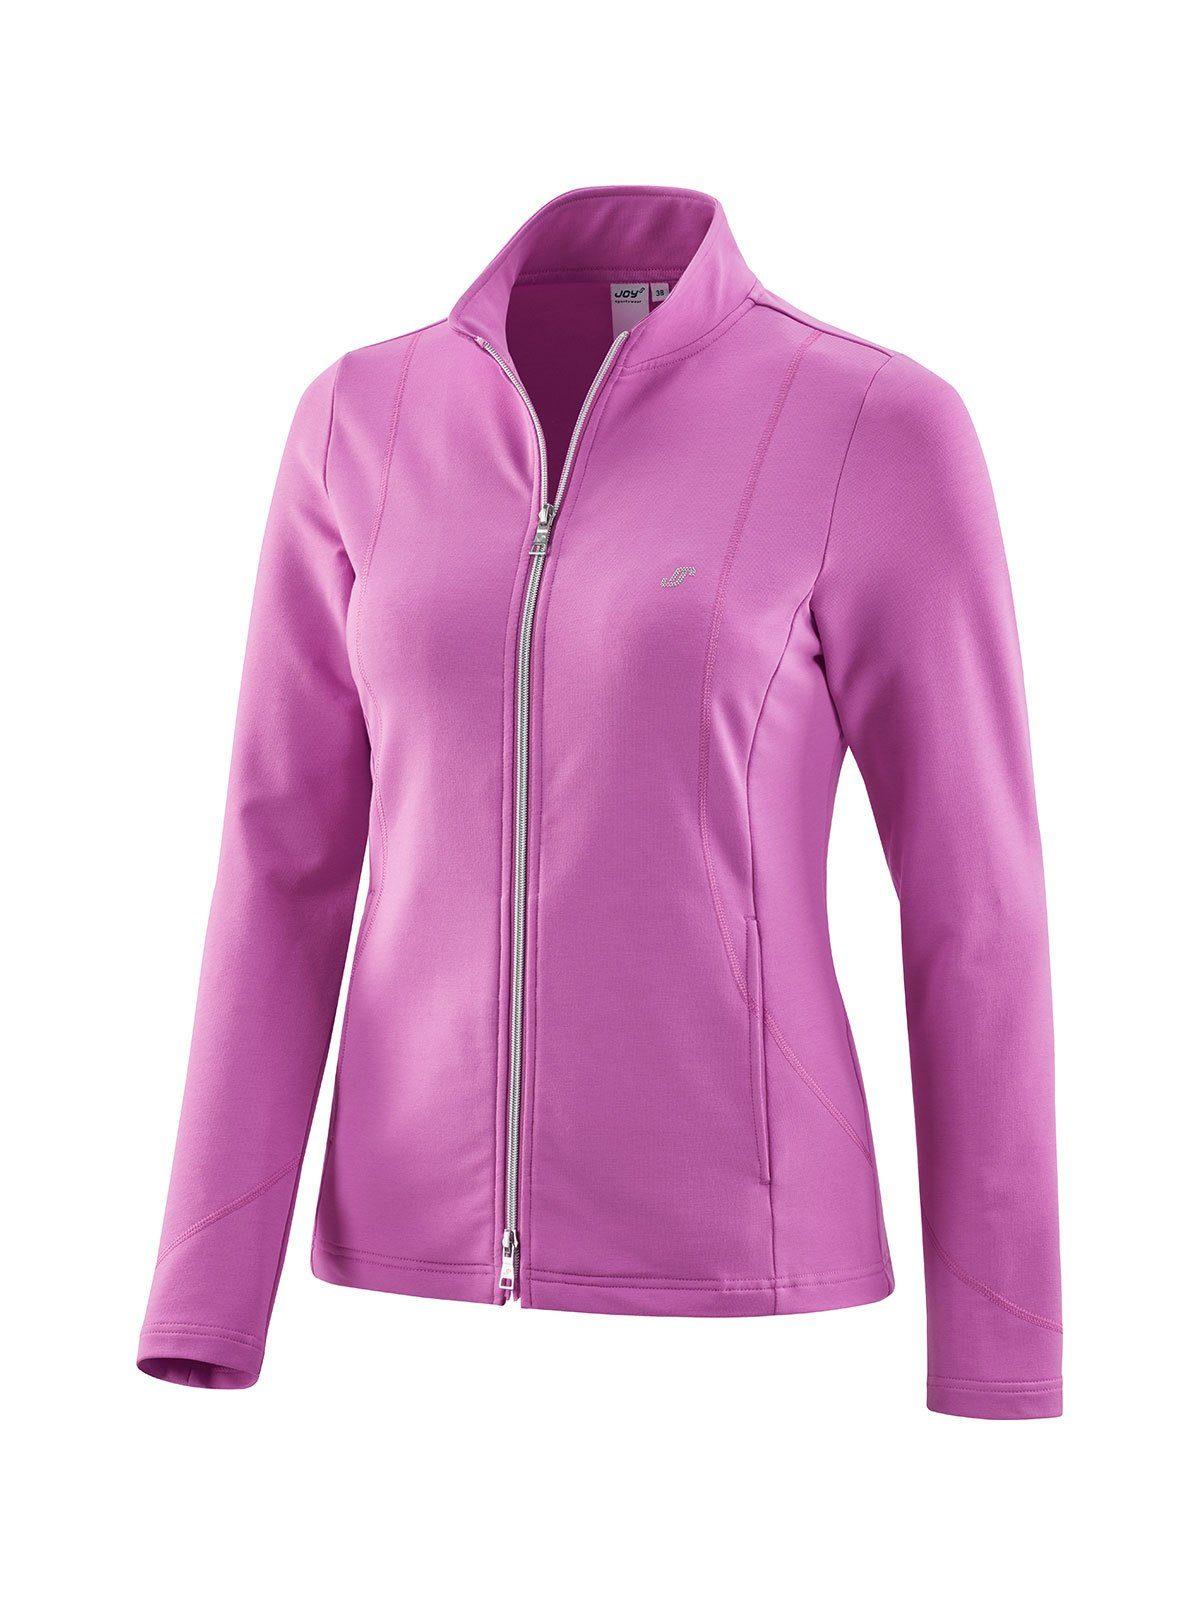 Joy Sportswear Trainingsjacke DORIT | Sportbekleidung > Sportjacken > Sonstige Sportjacken | Joy Sportswear